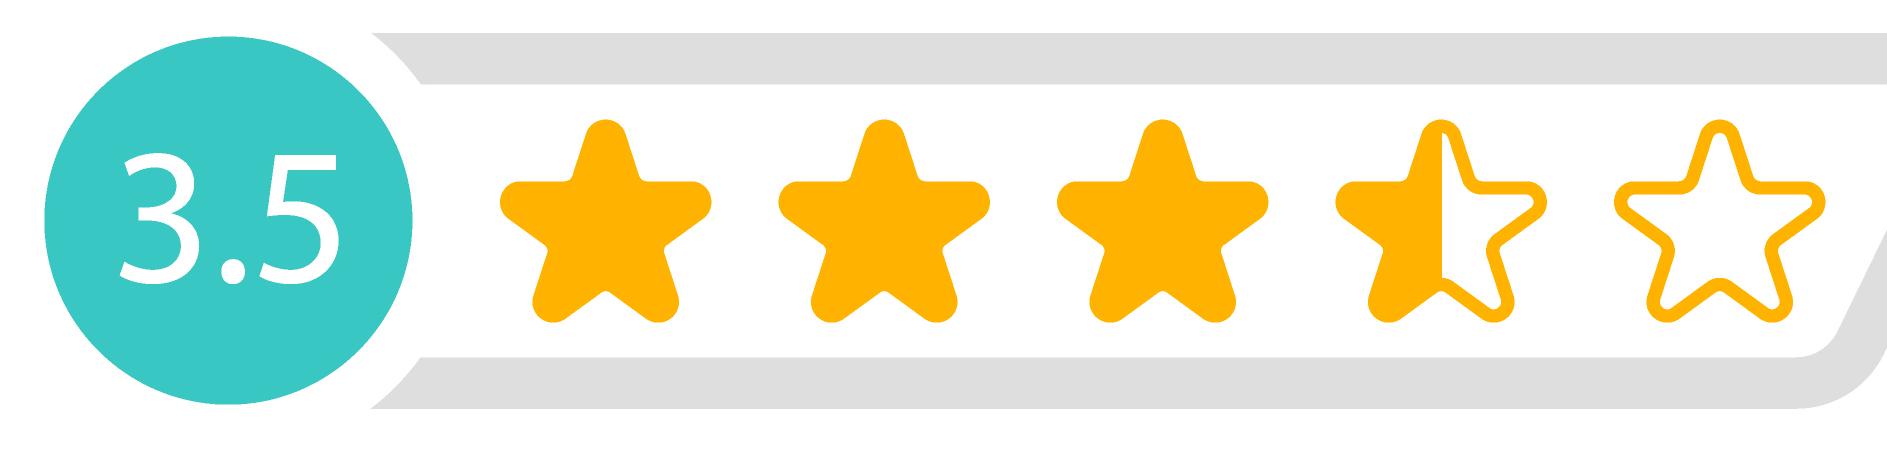 3,5 Sterne Bewertung